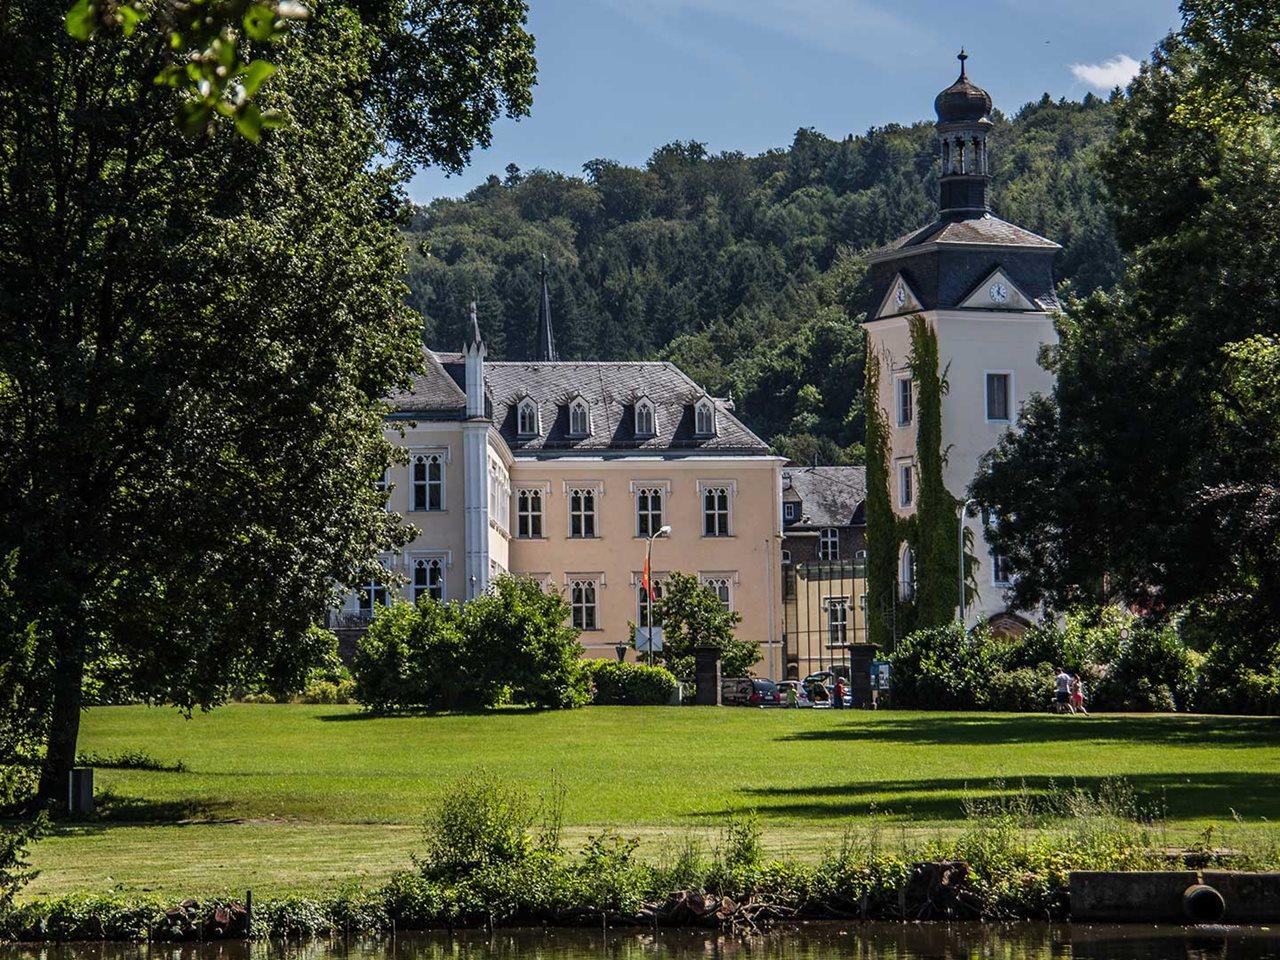 Excursiereis 5 dagen Westerwald, Rijn en Oranjeroute - All inclu